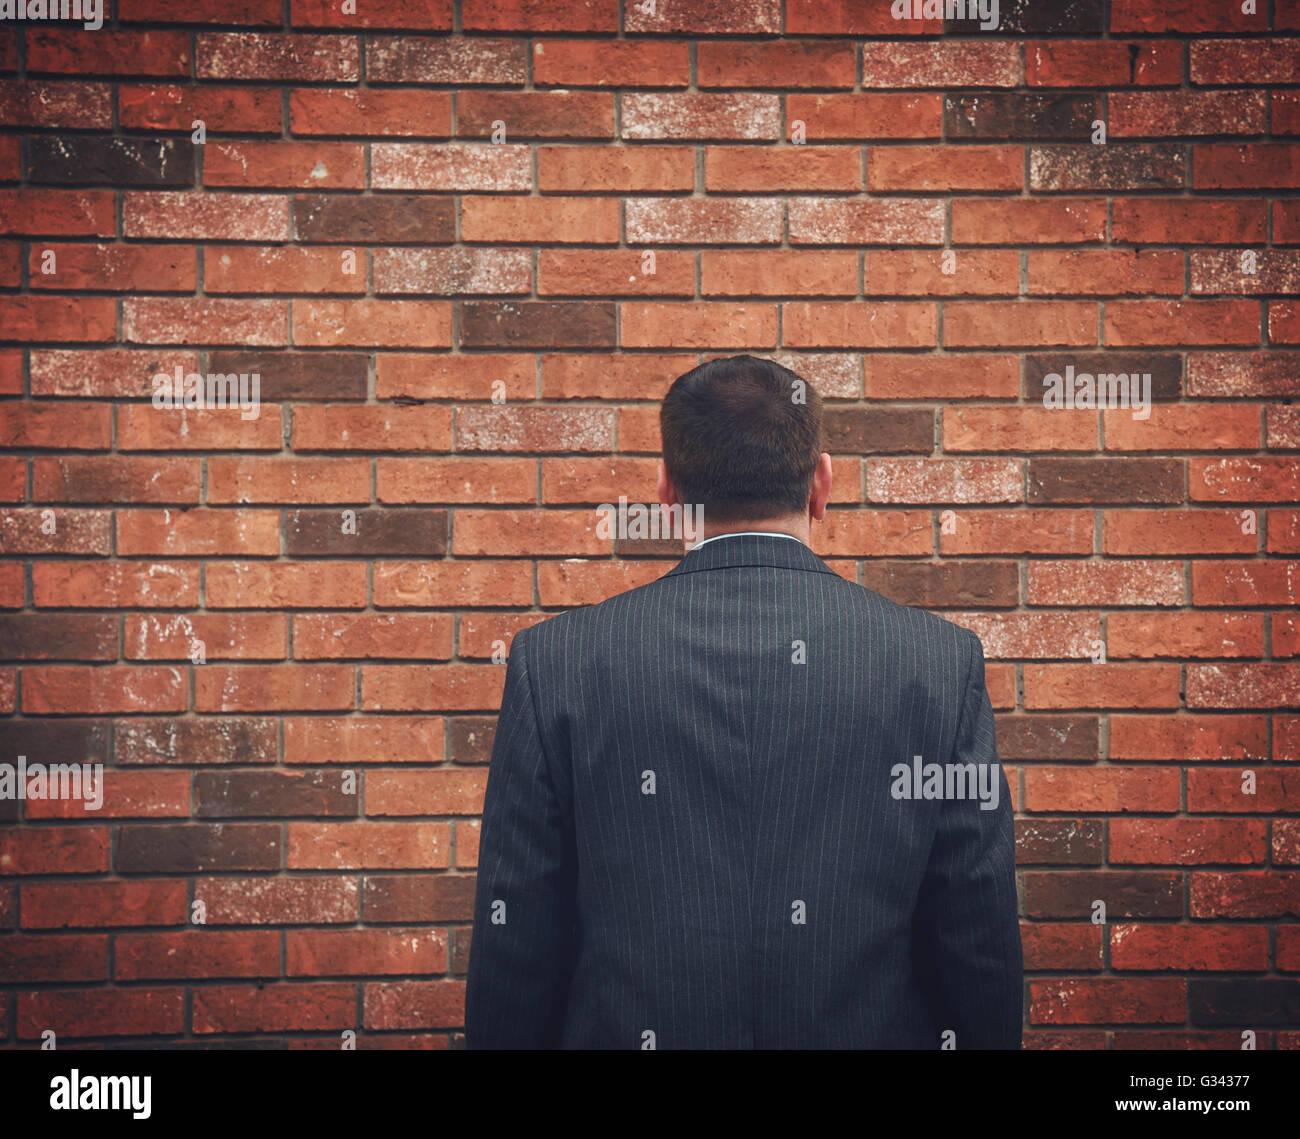 Un hombre de negocios ha de espaldas y mirando a una pared de ladrillo. Puede representar un obstáculo, tristeza Imagen De Stock